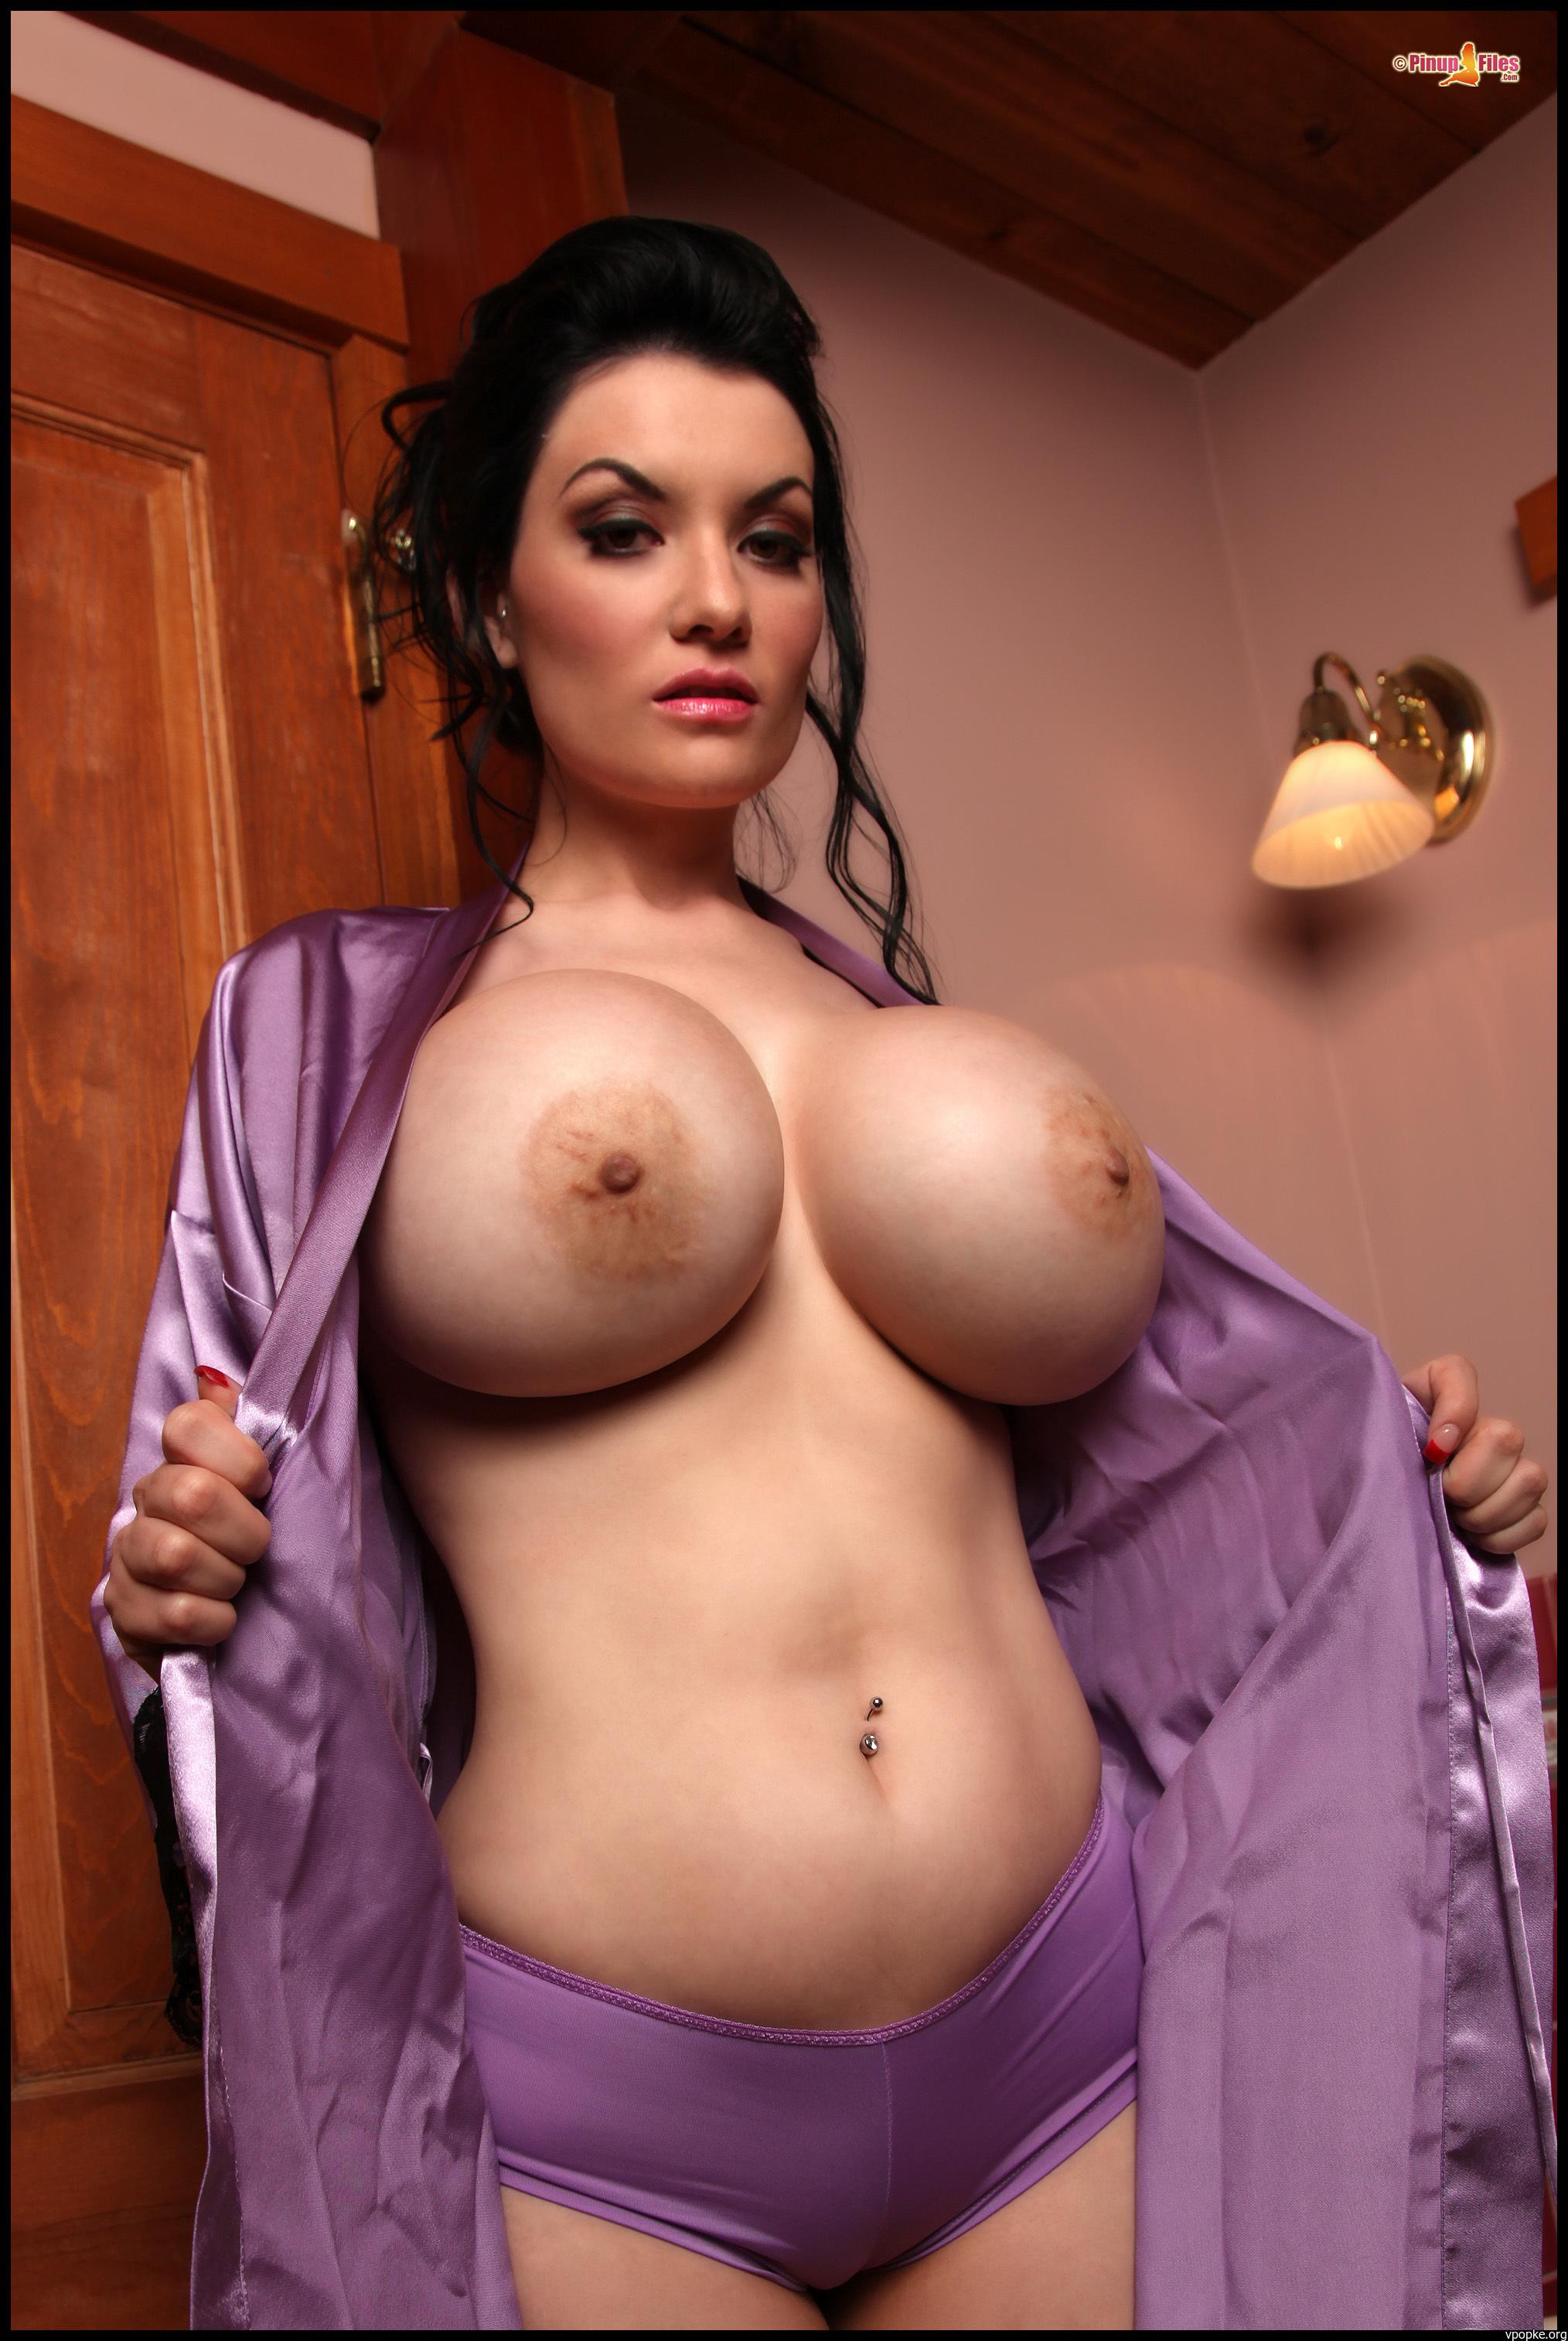 Смотреть онлайн самые большие натуральные груди 3 фотография